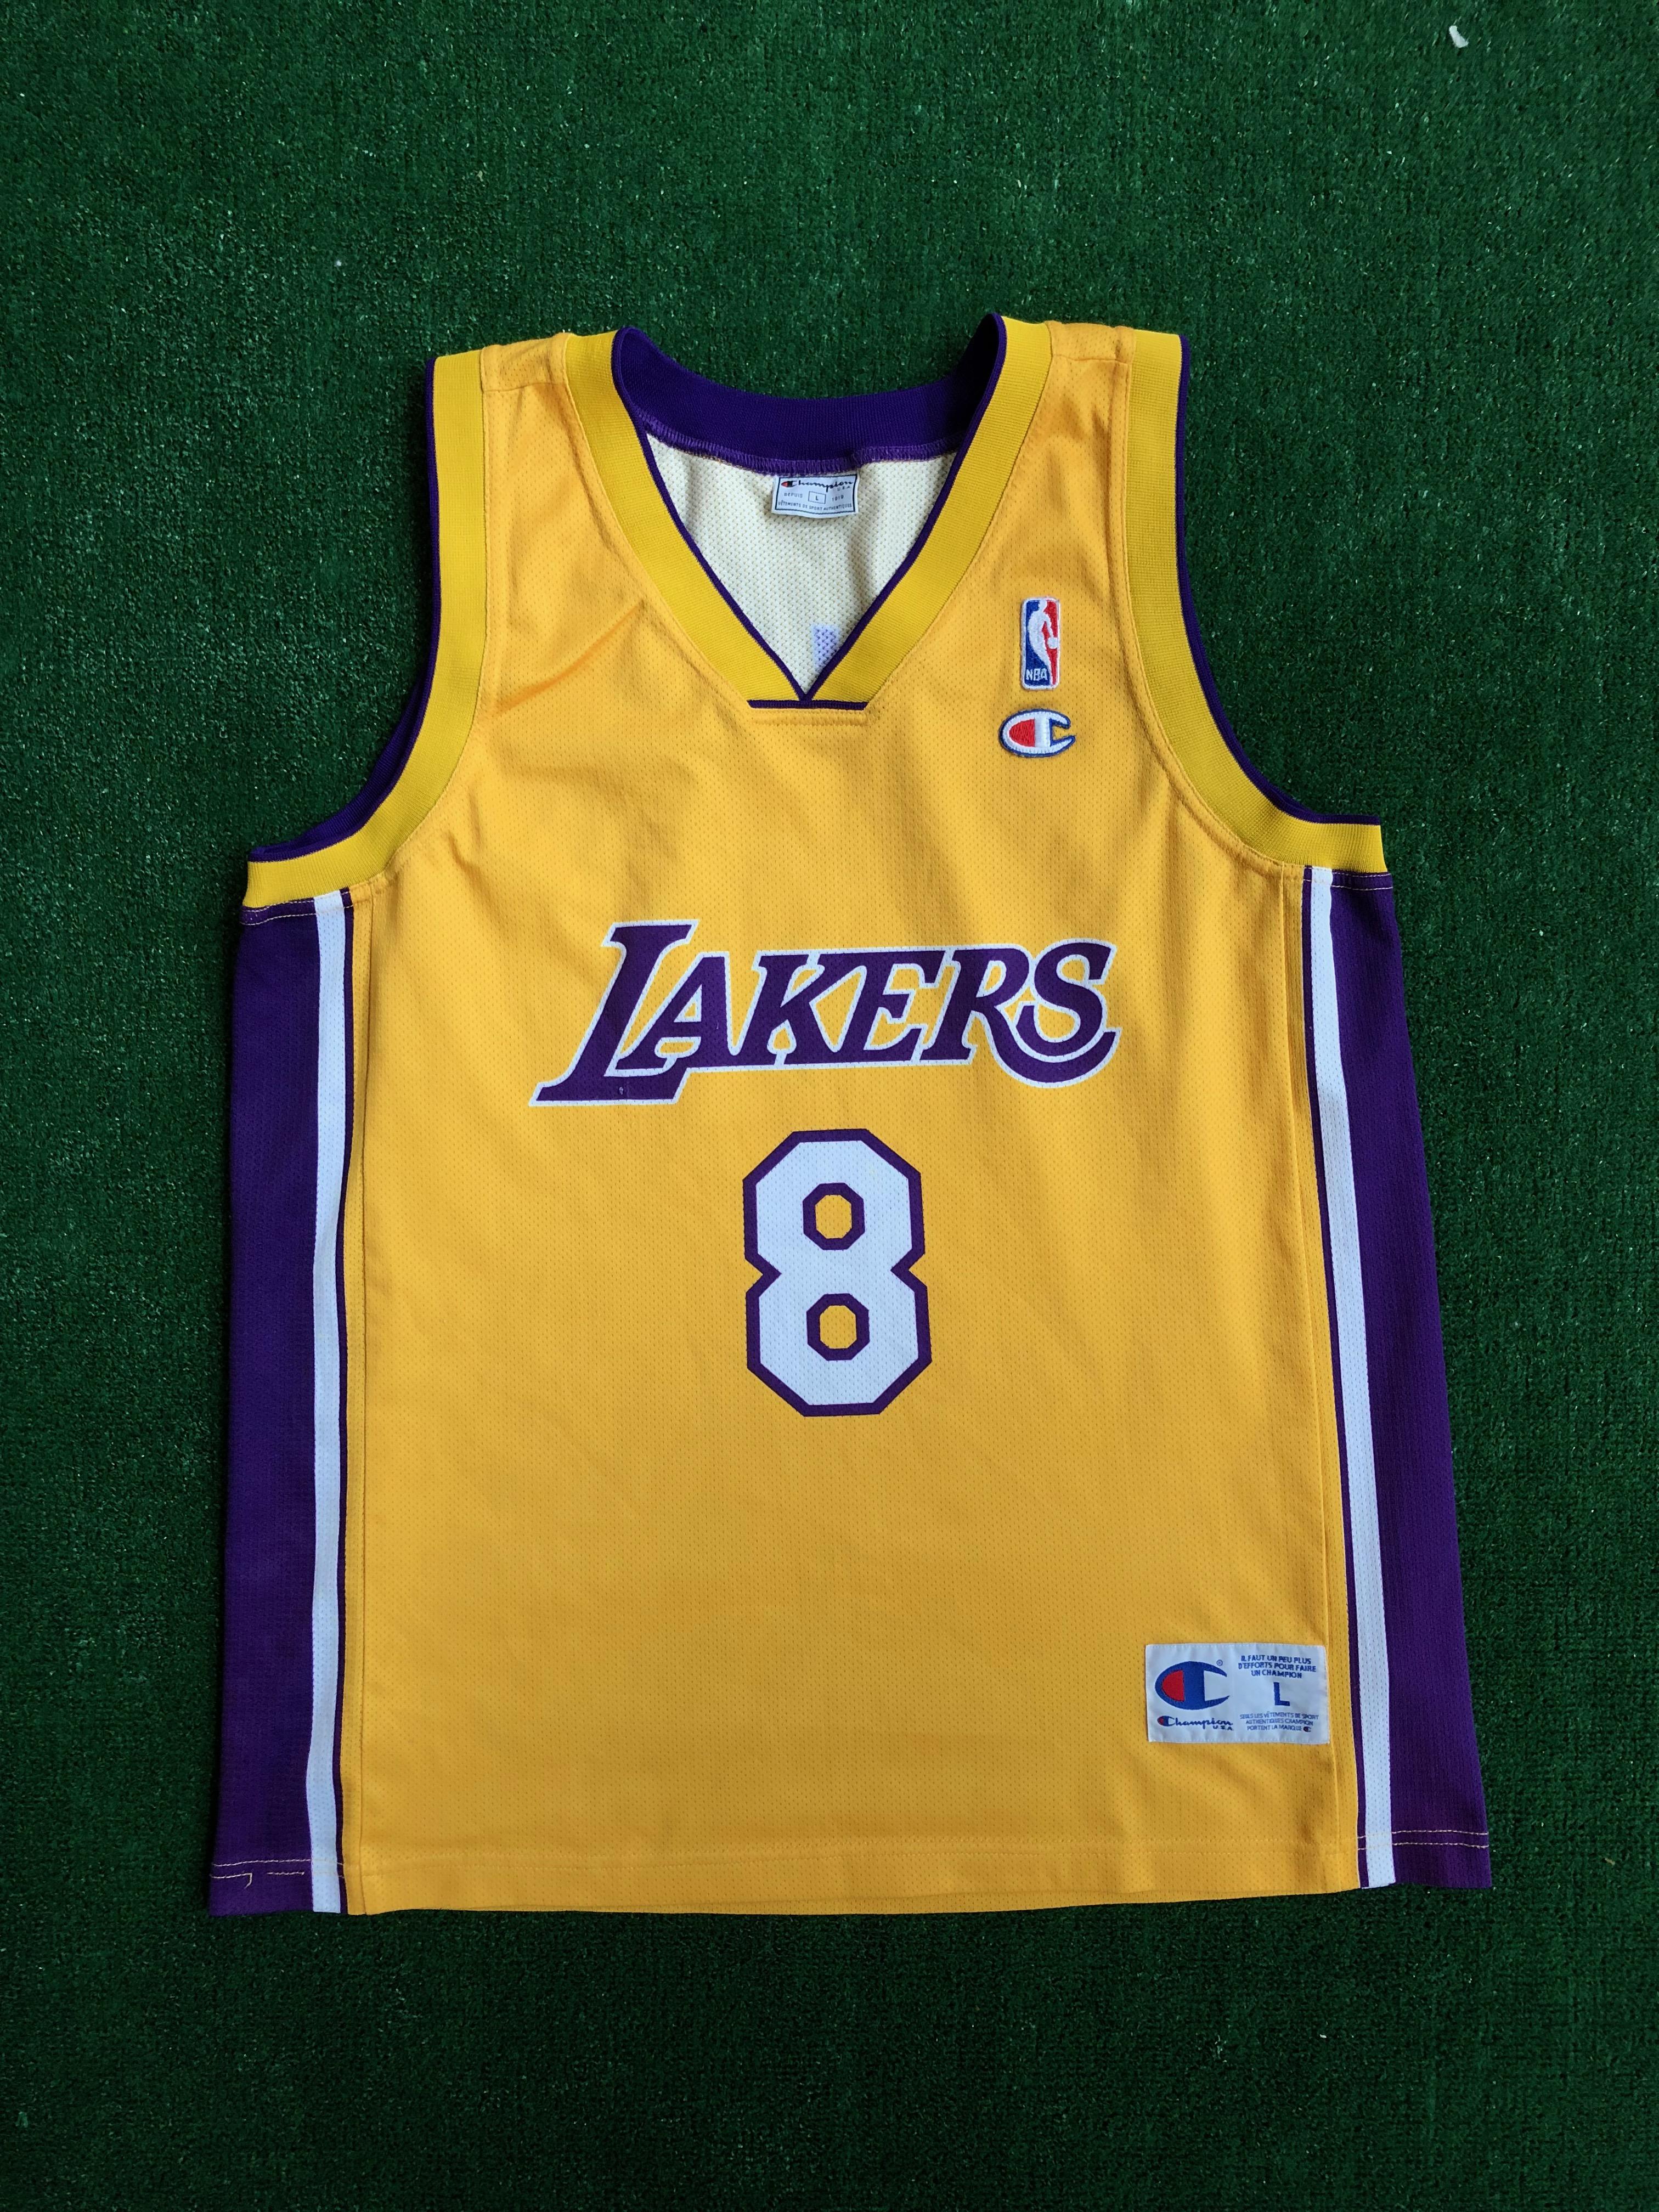 2001 Kobe Bryant Angeles Lakers Euro Cut Champion NBA Jersey Size Large